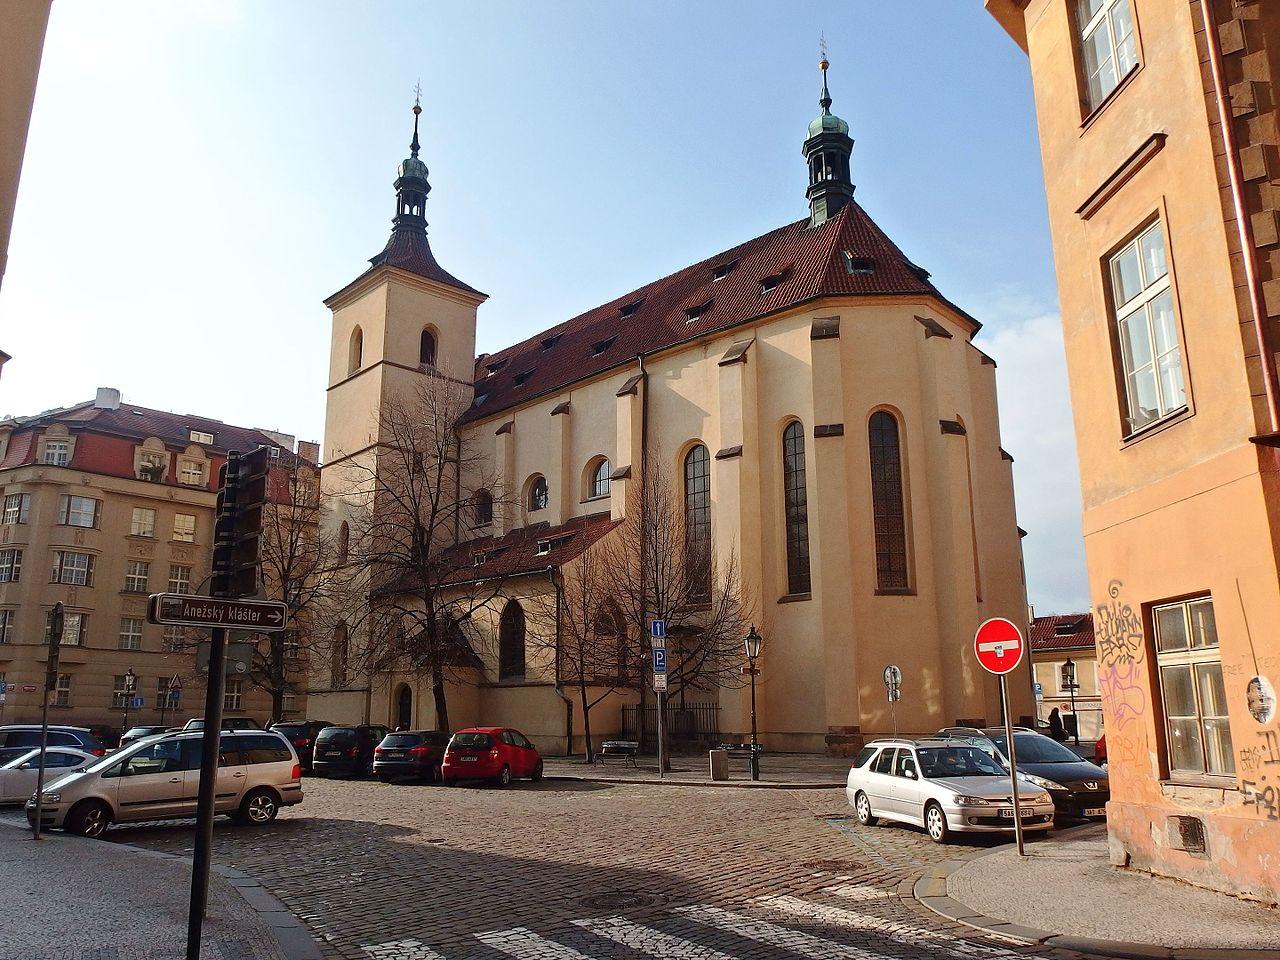 Haštalské náměstí a kostel sv. Haštala